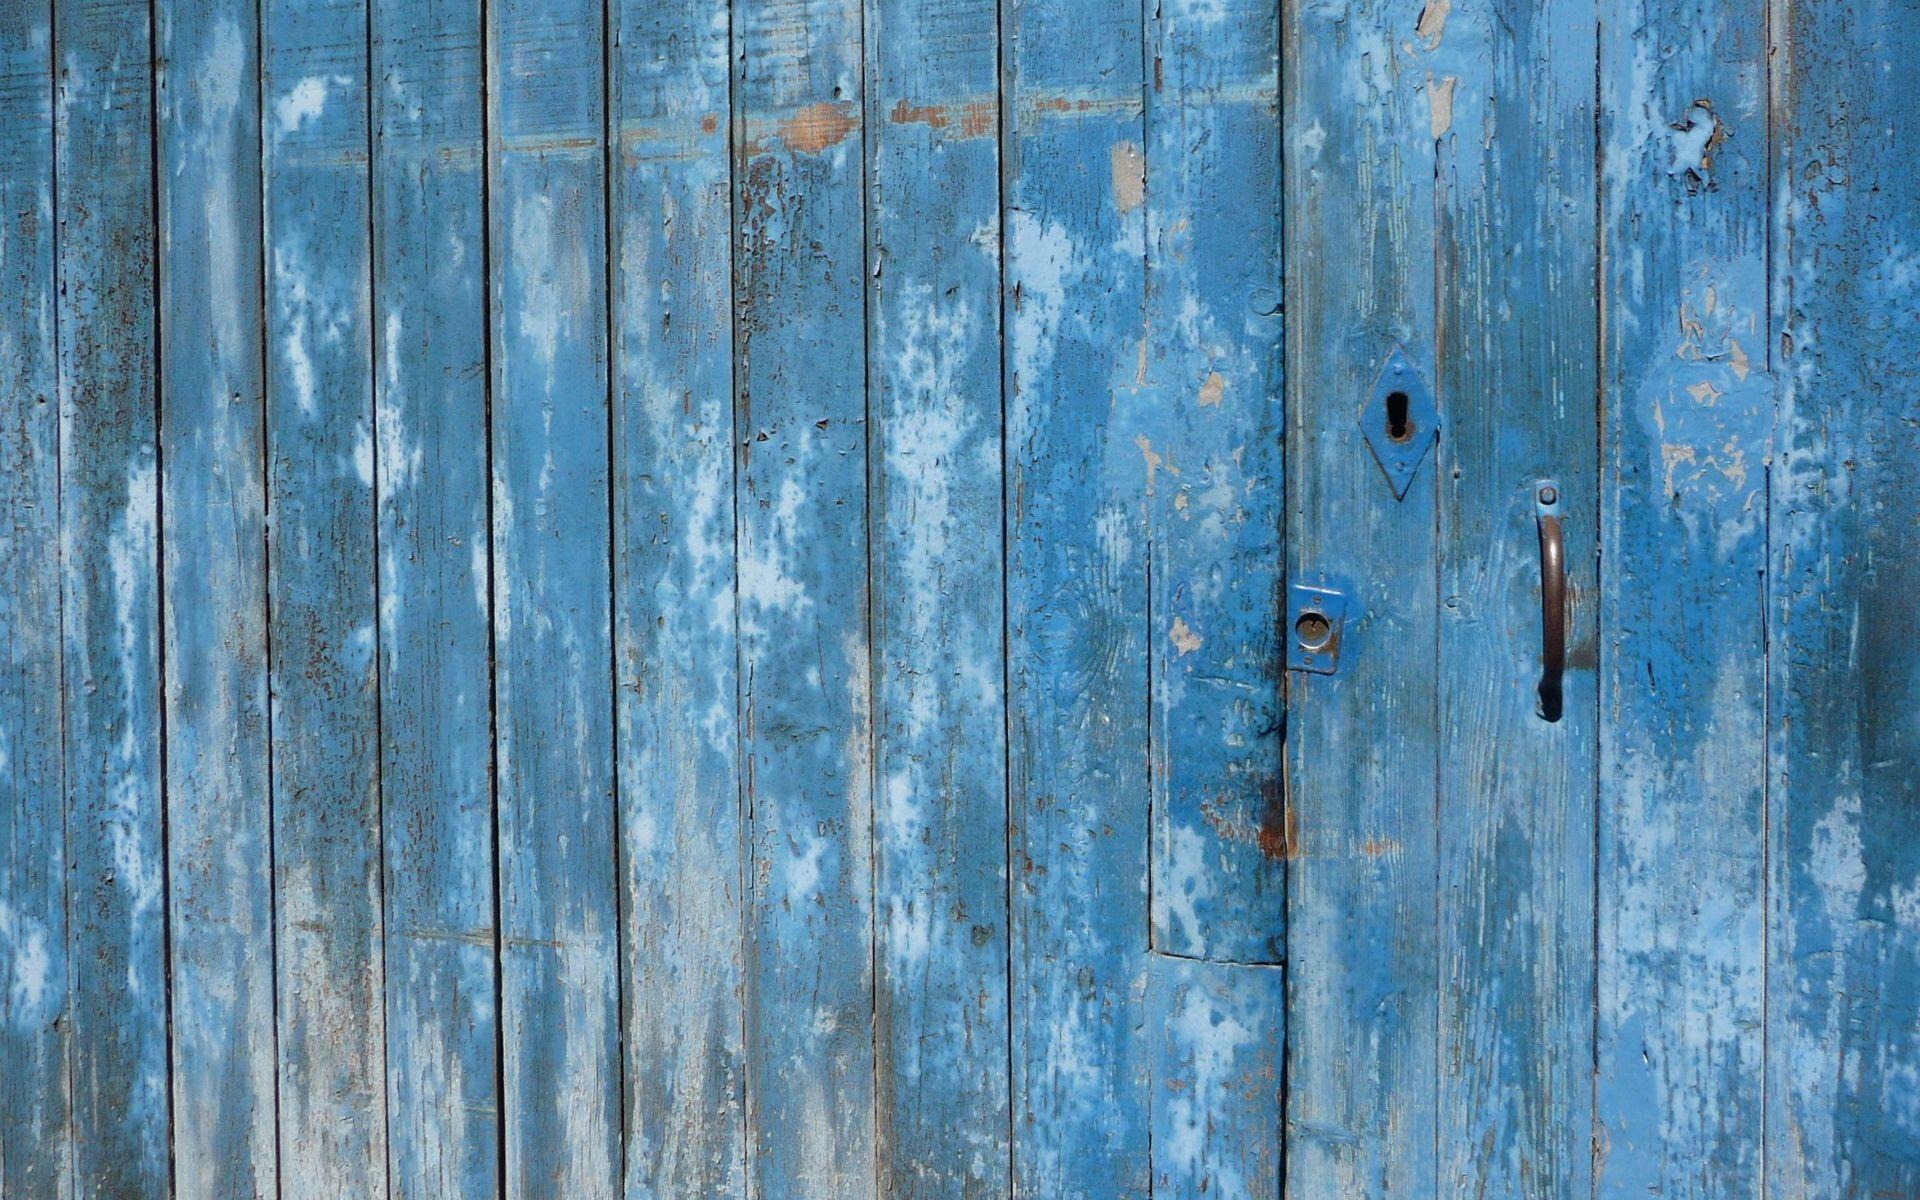 デスクトップ用の木目調壁紙 青い木の壁紙 19x10 Wallpapertip